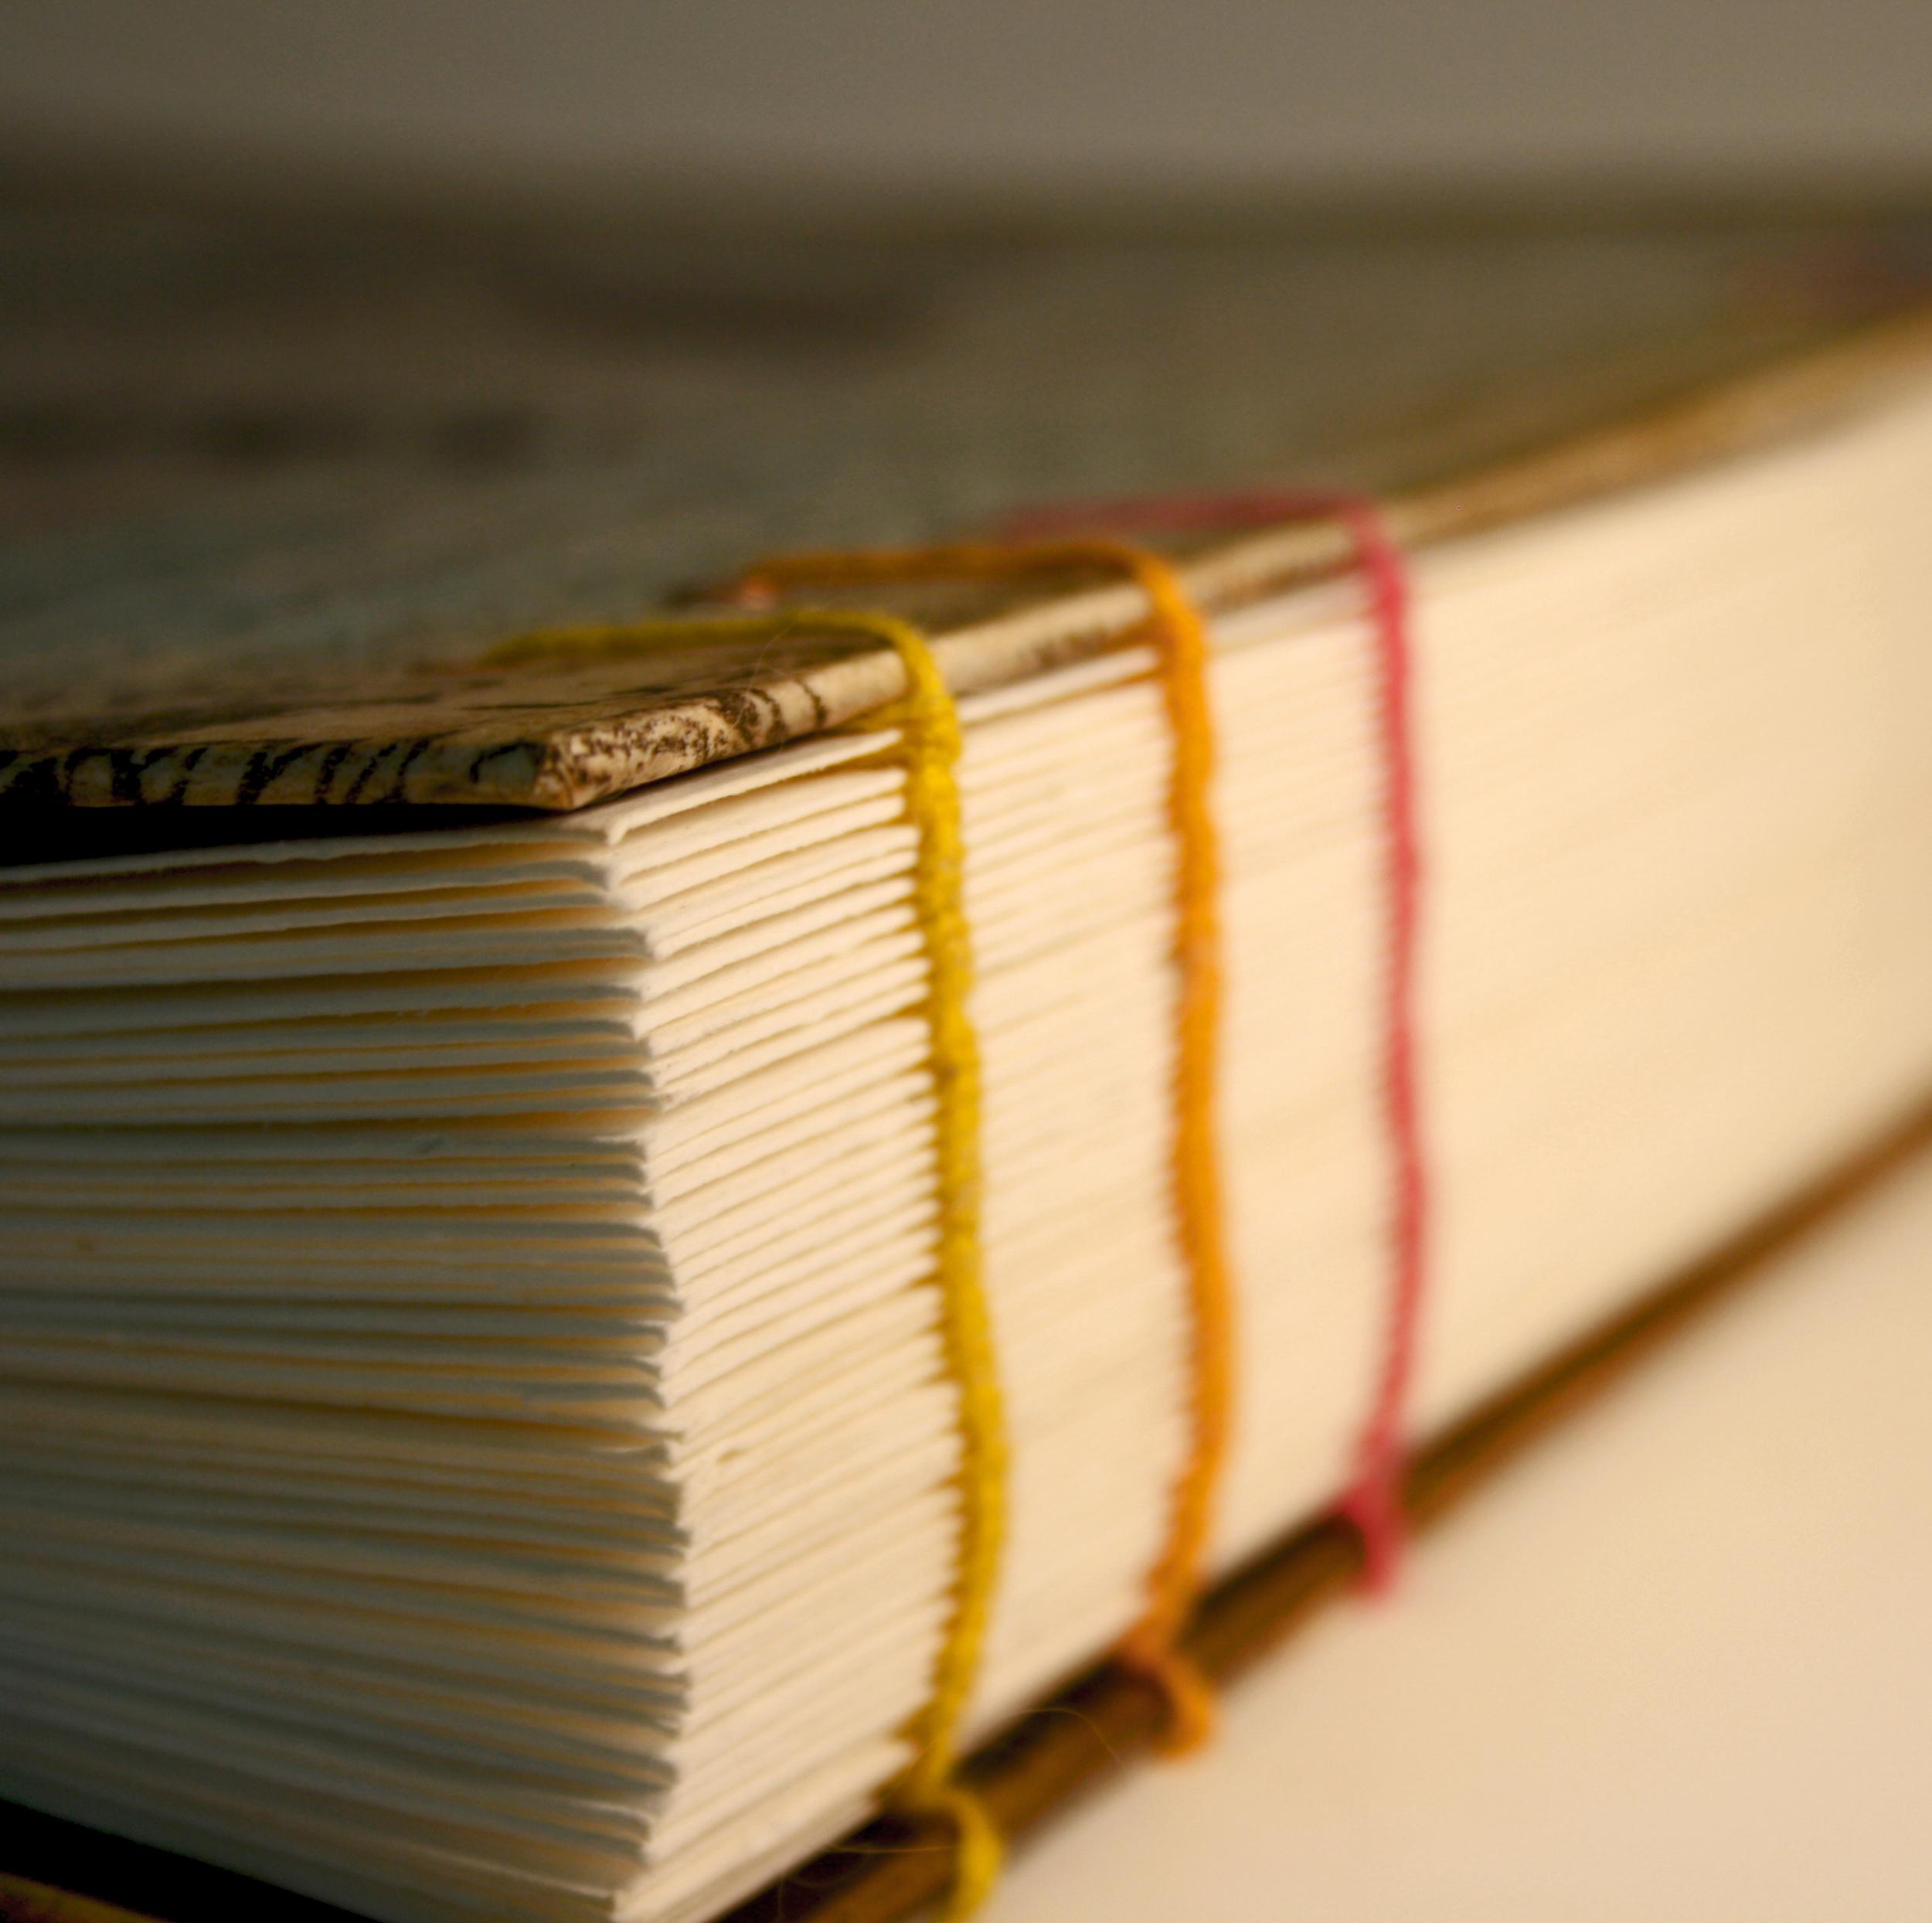 Bookbinding - Sketchbook - Spine.jpg